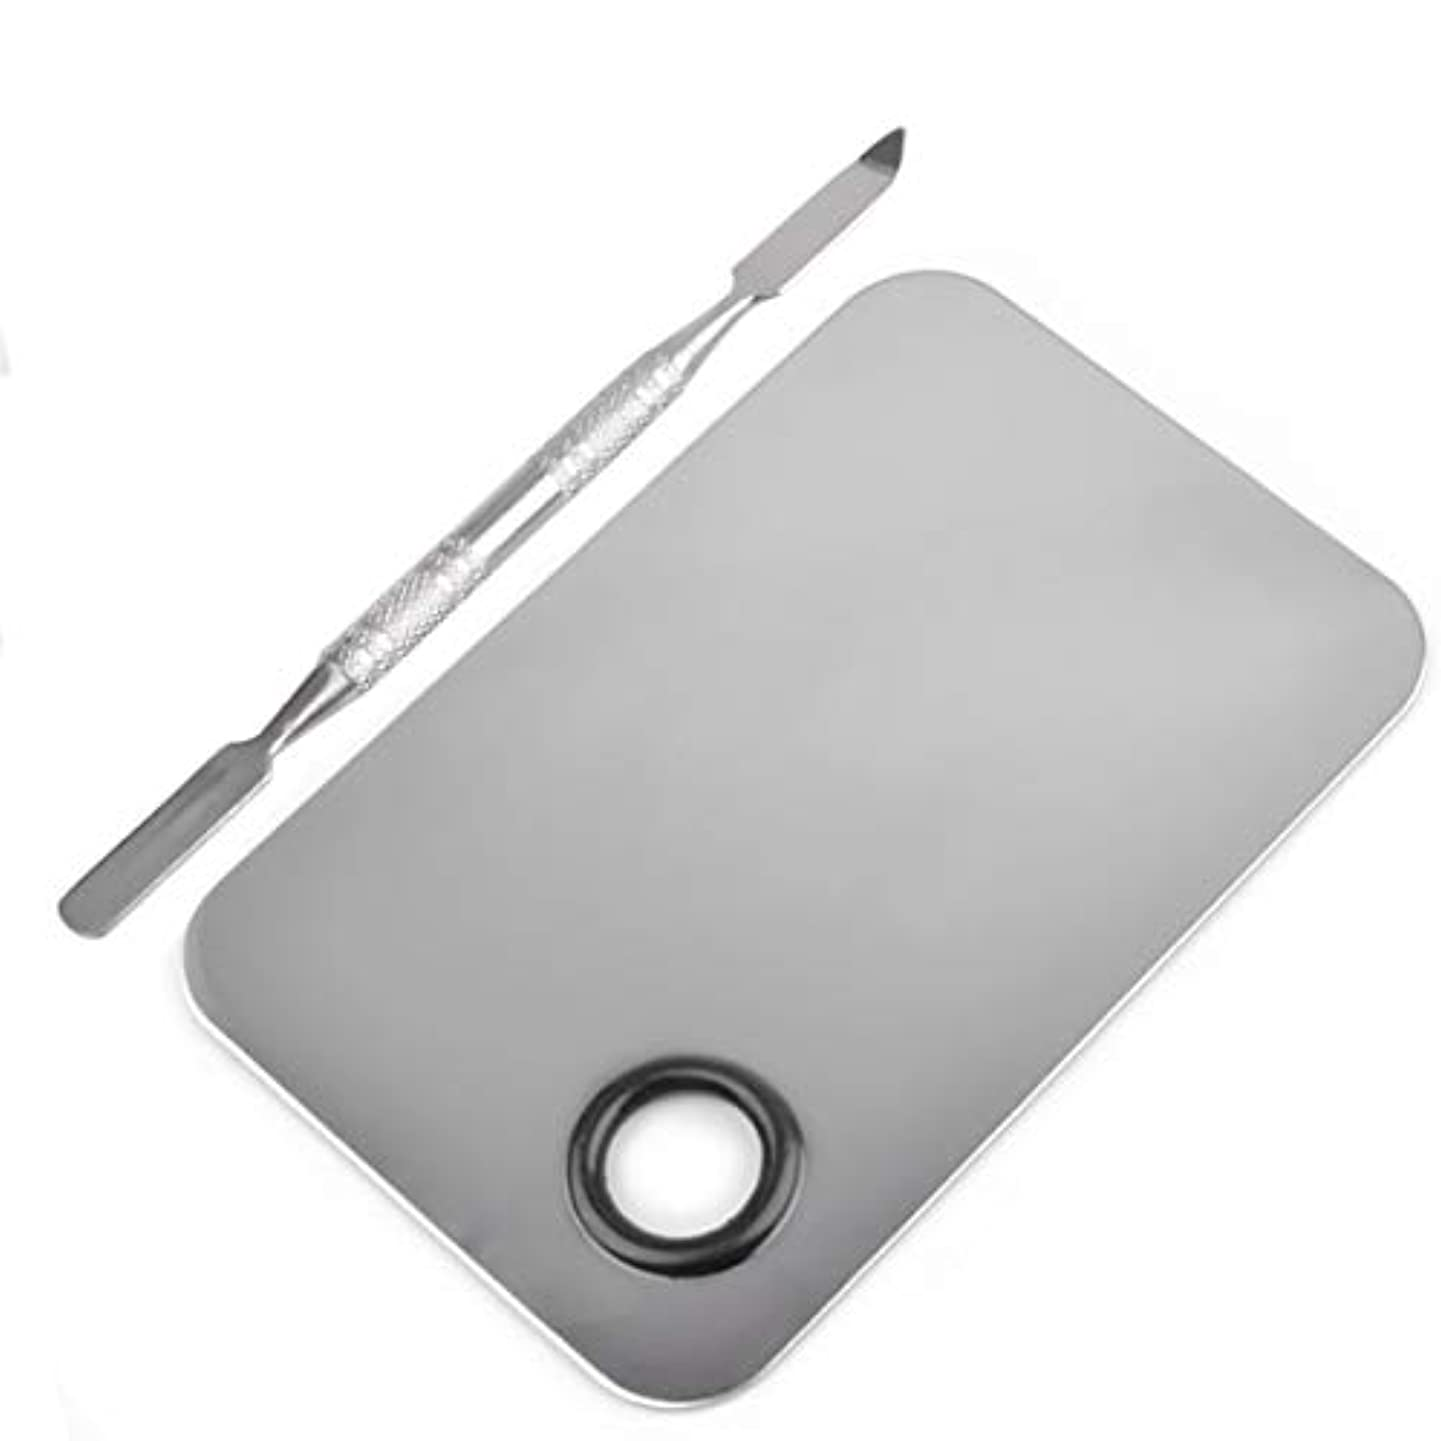 不利アデレード海嶺長方形の形のステンレス鋼化粧品メイクアップパレットへらツールセットネイルアート機器ツールキット美容ツール(シルバー)